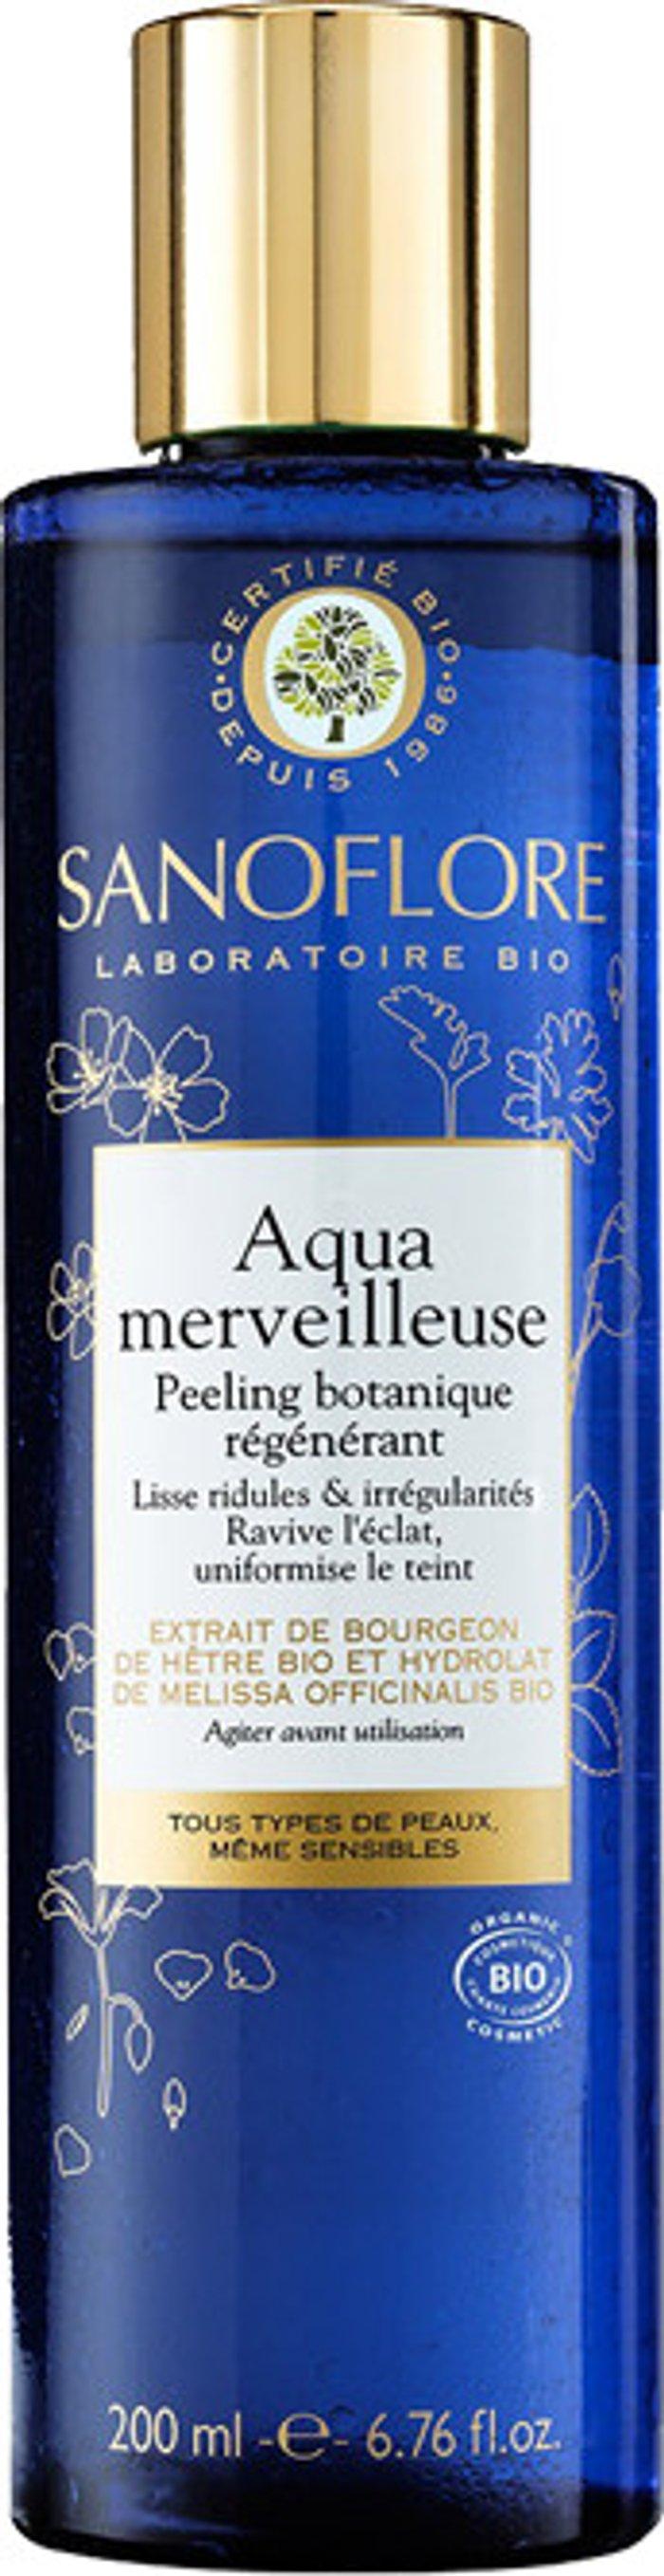 Sanoflore Sanoflore Aqua merveilleuse (200 ml)